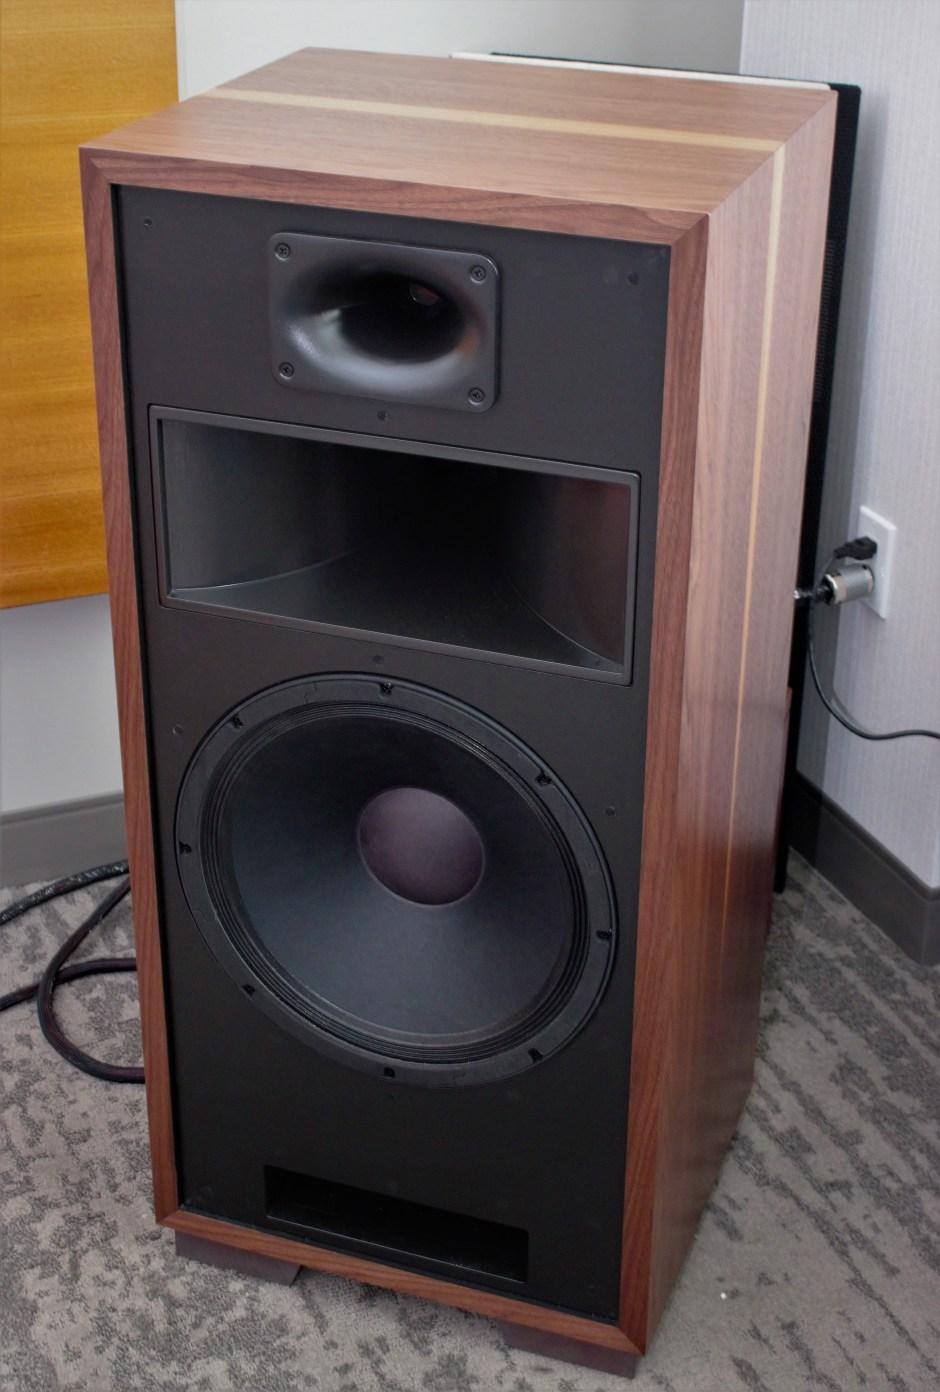 The Volti Audio Rival, Type 2, at AXPONA 2019